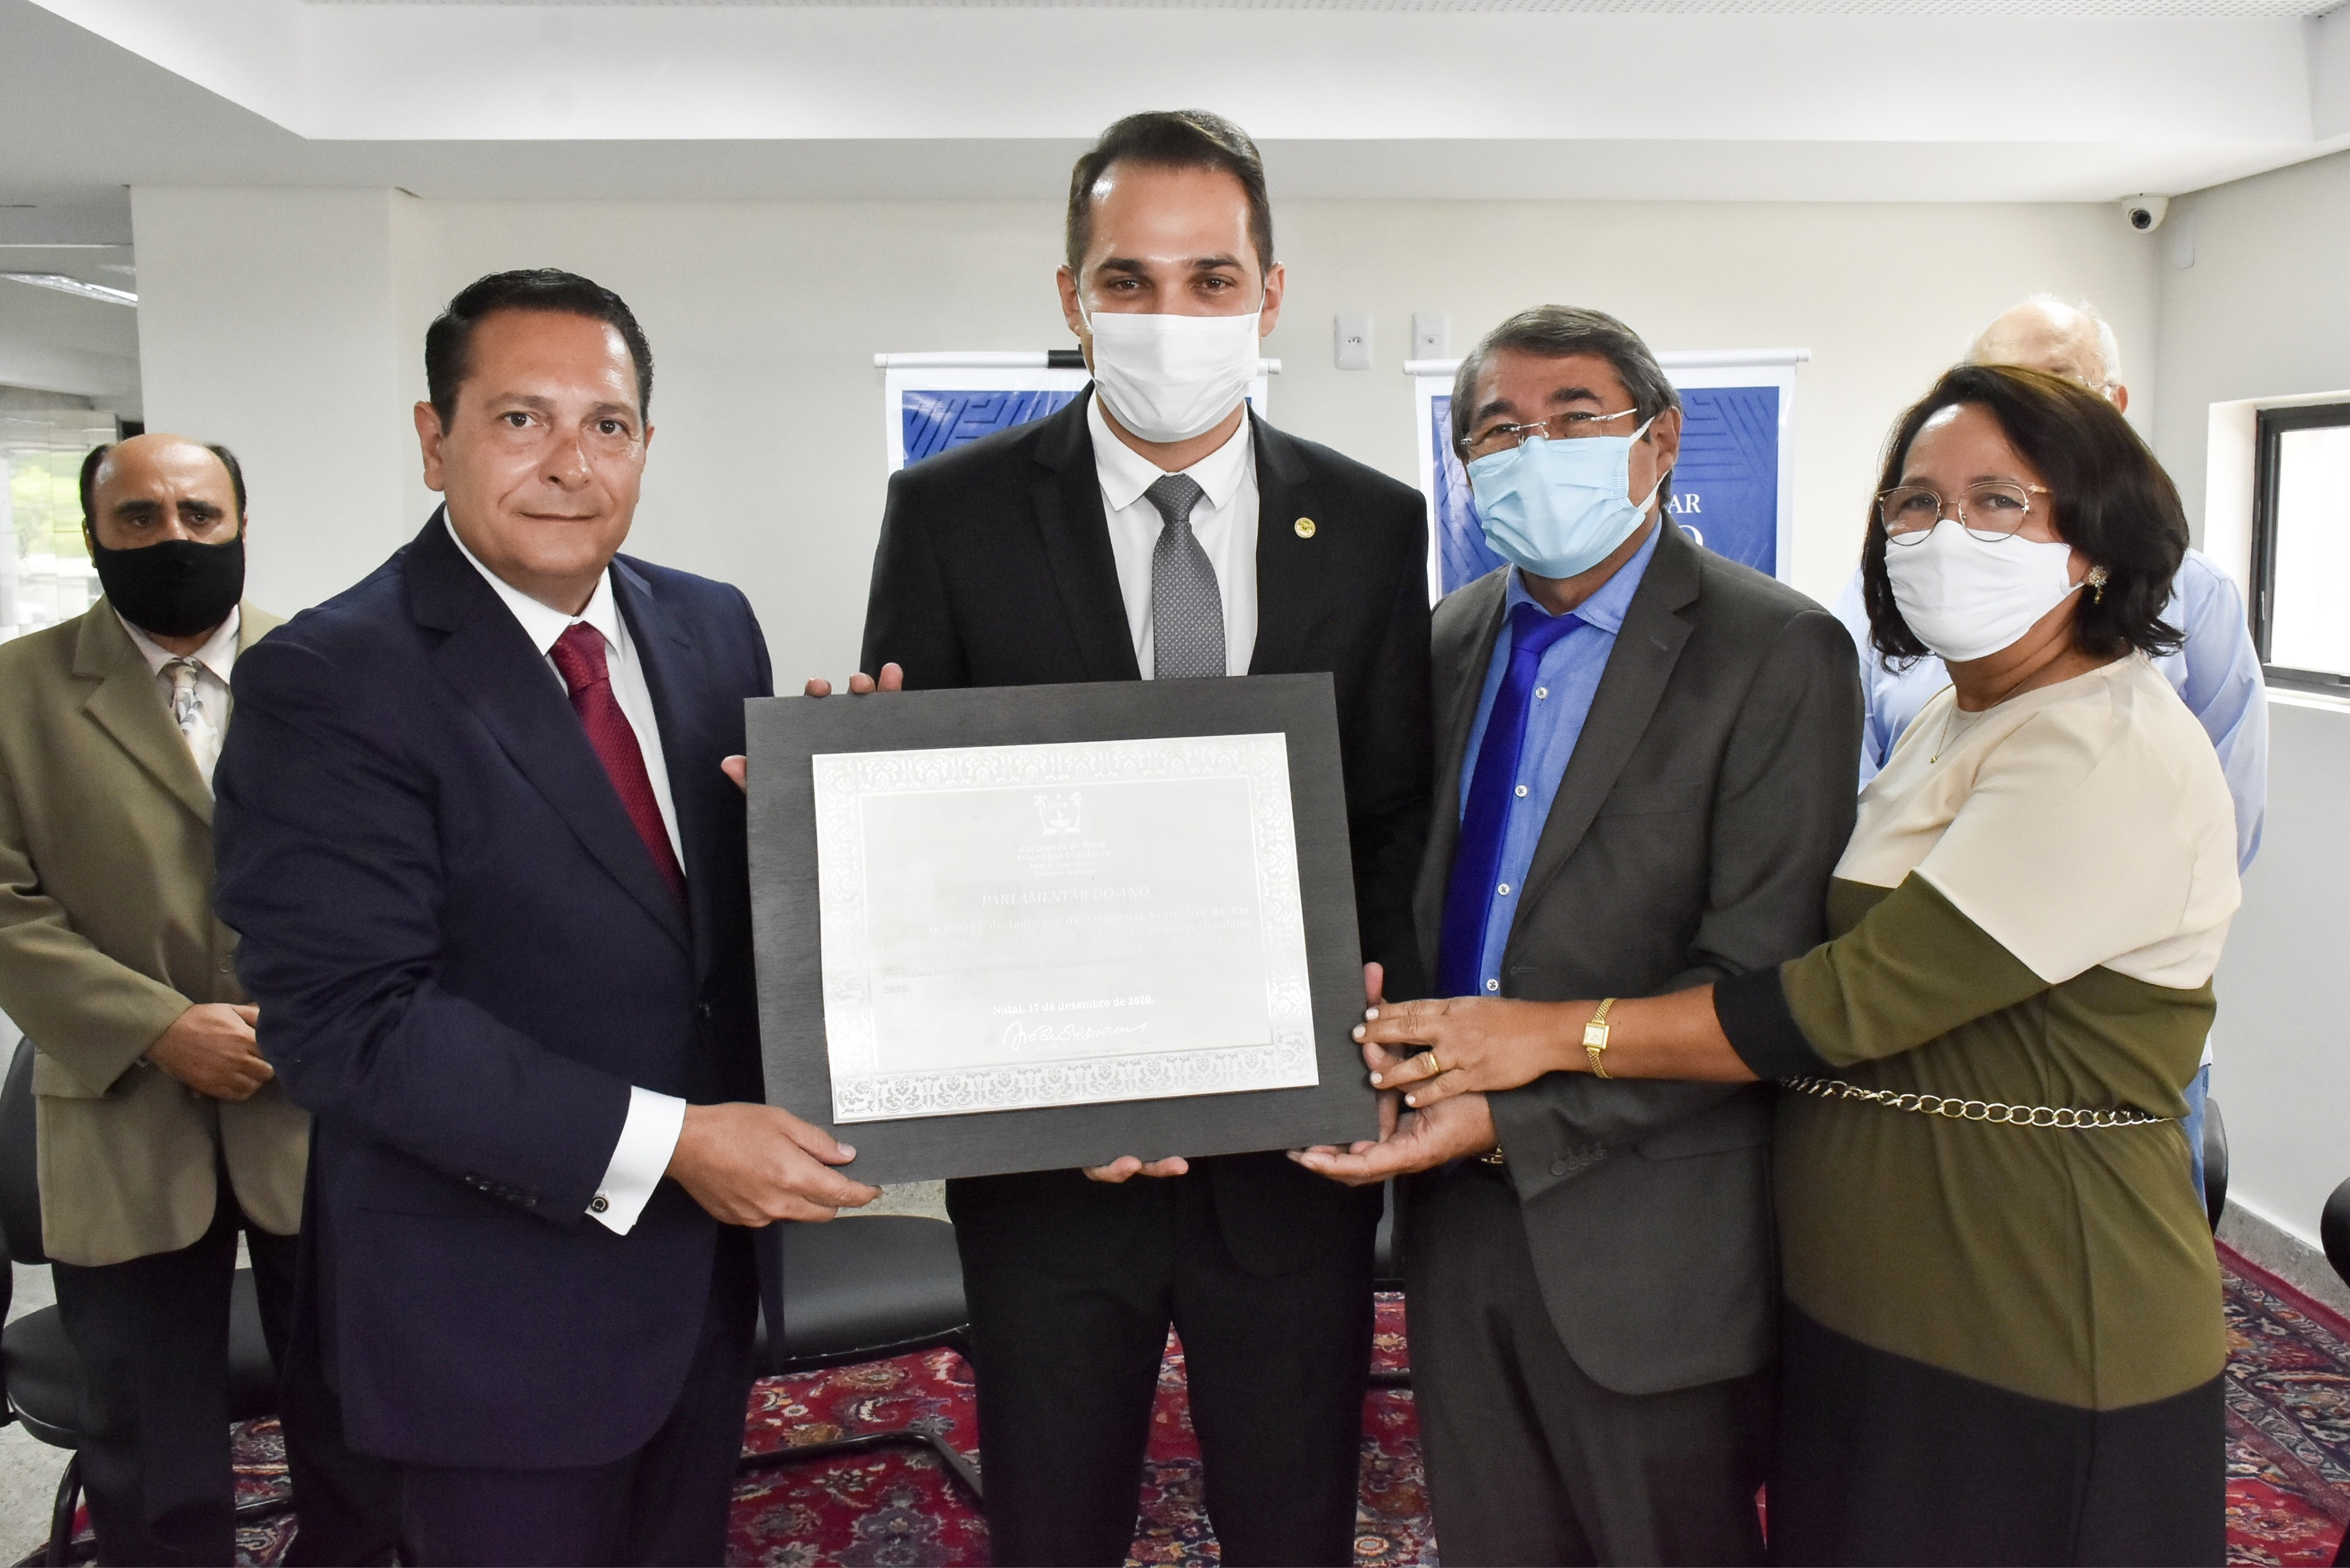 Kleber Rodrigues recebe o título de Parlamentar do Ano 2020 da ALRN